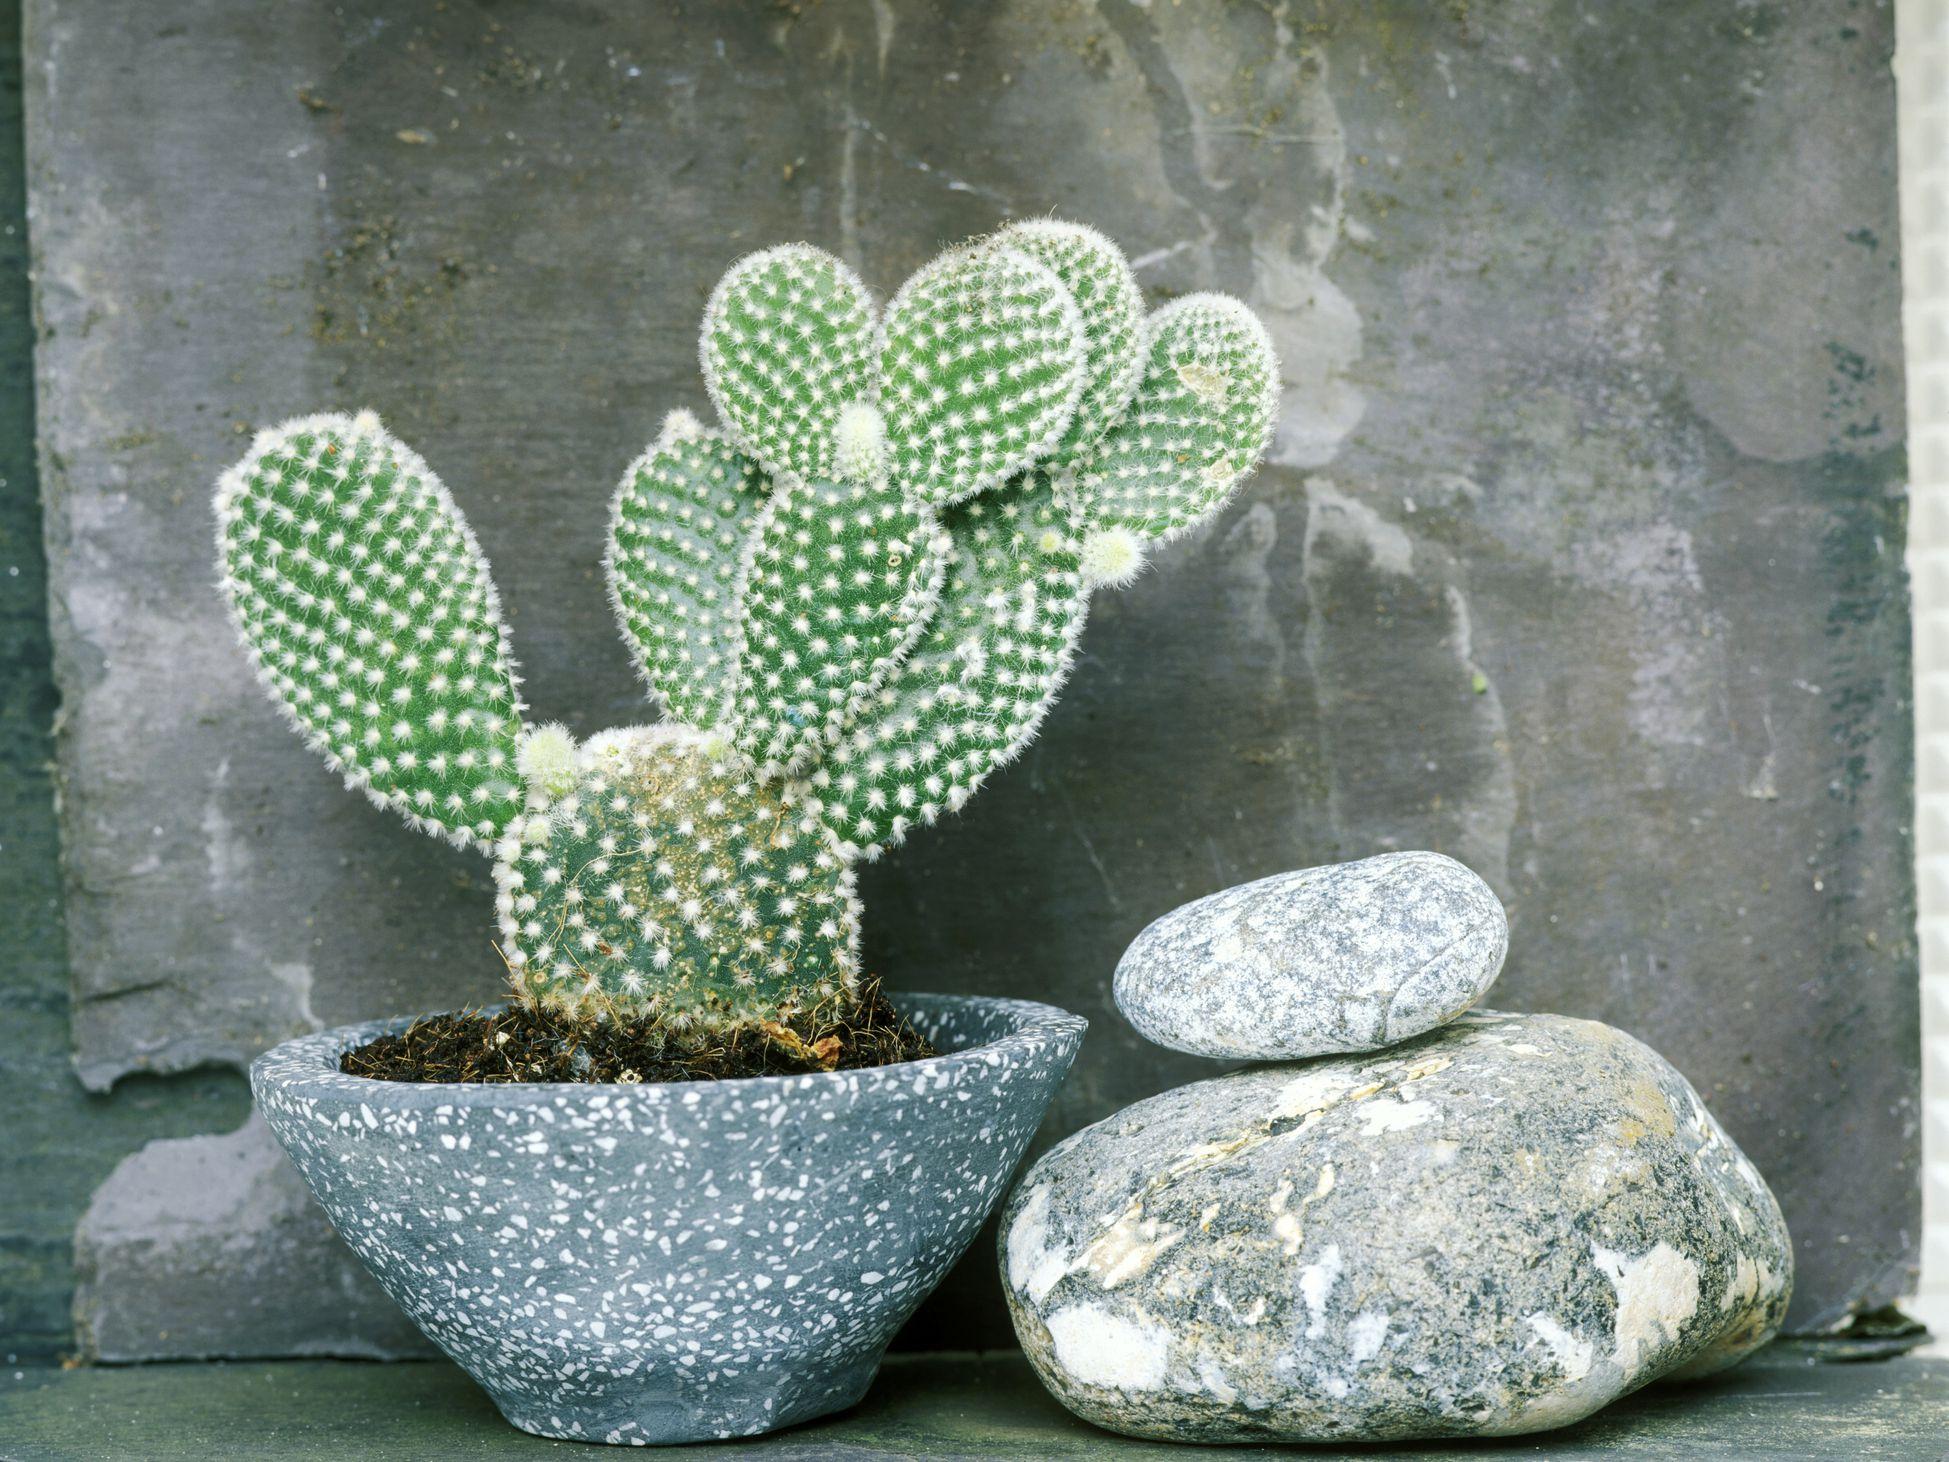 8 Best Cactus Varieties To Grow Indoors